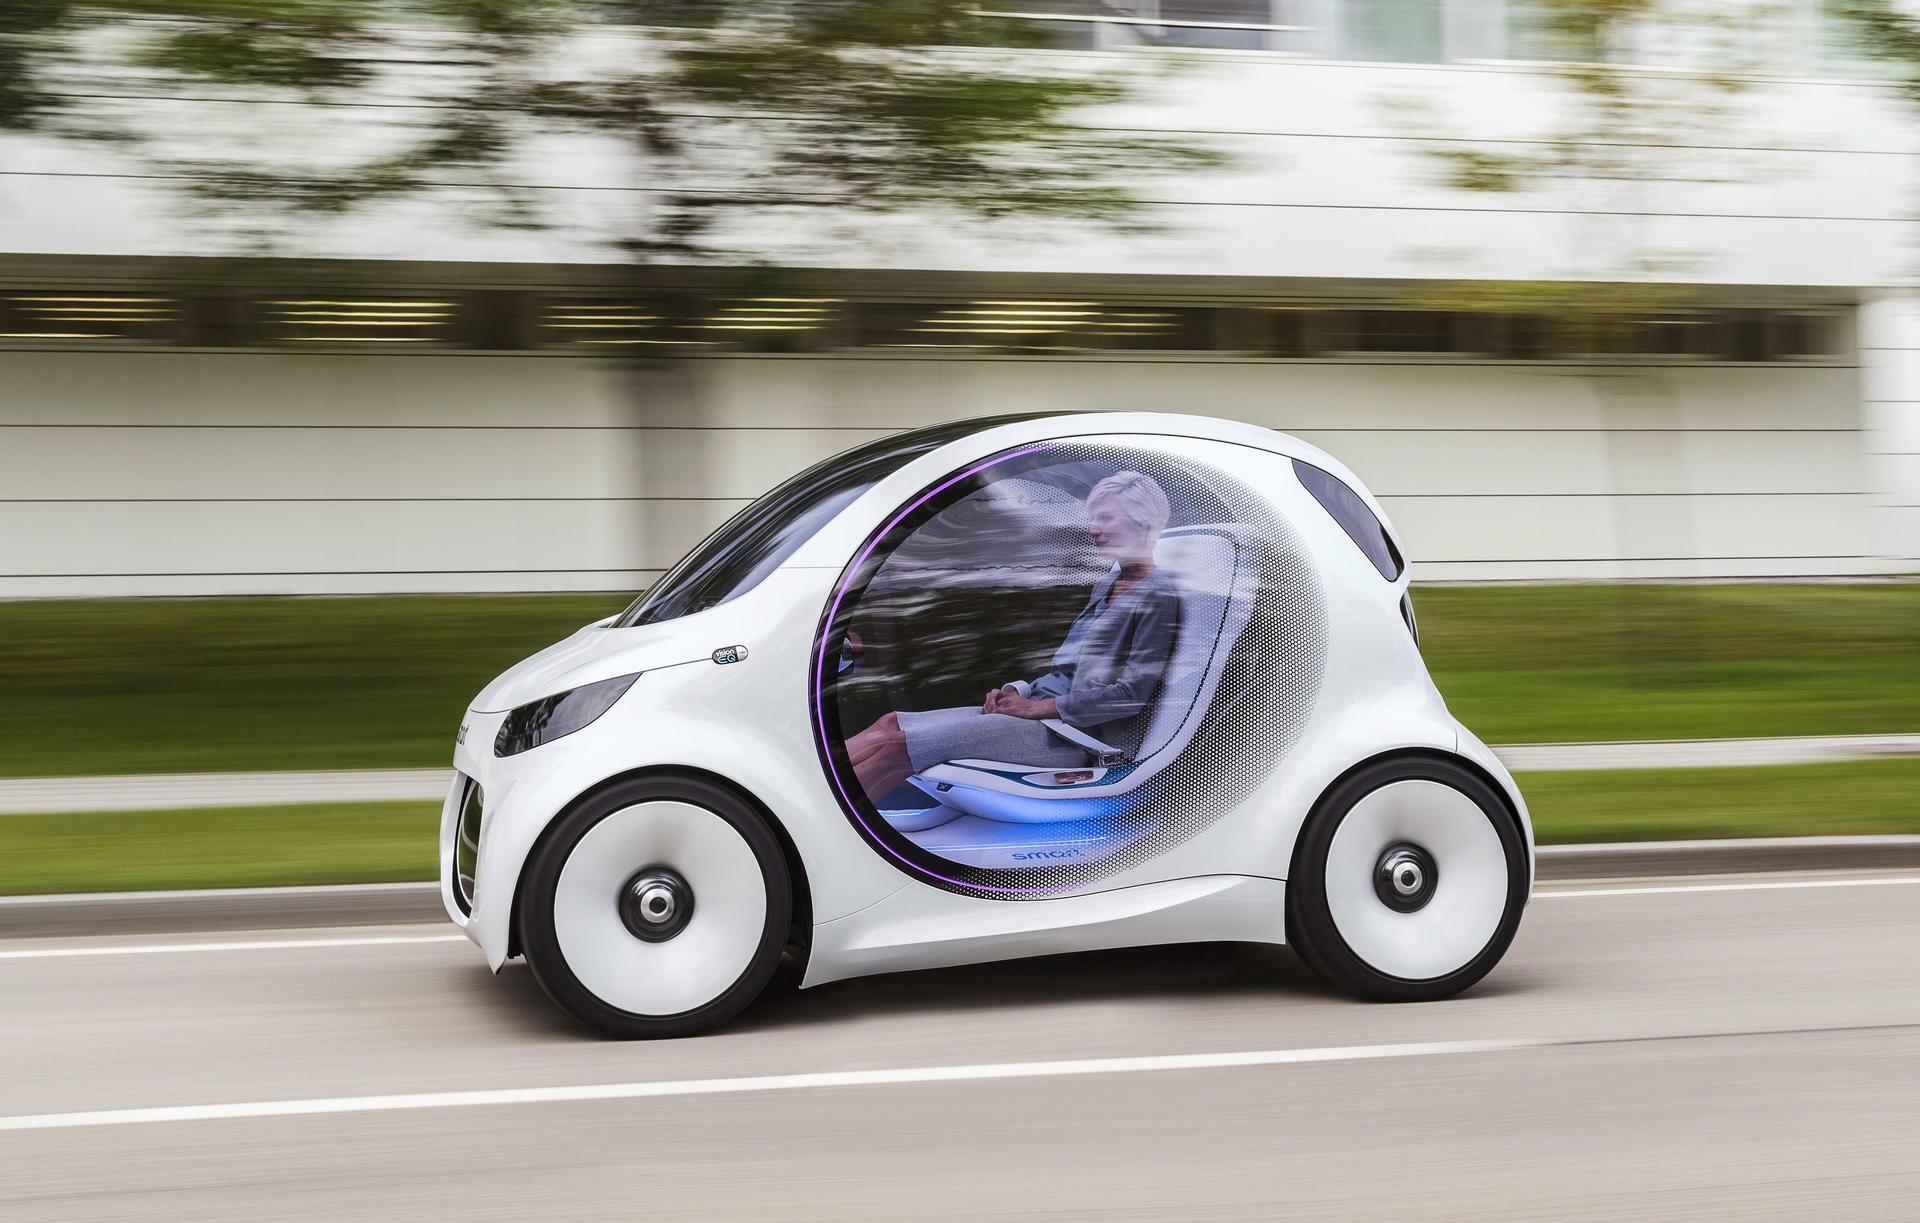 E-Auto-Pläne von Daimler: Smart soll rein elektrisch fahren